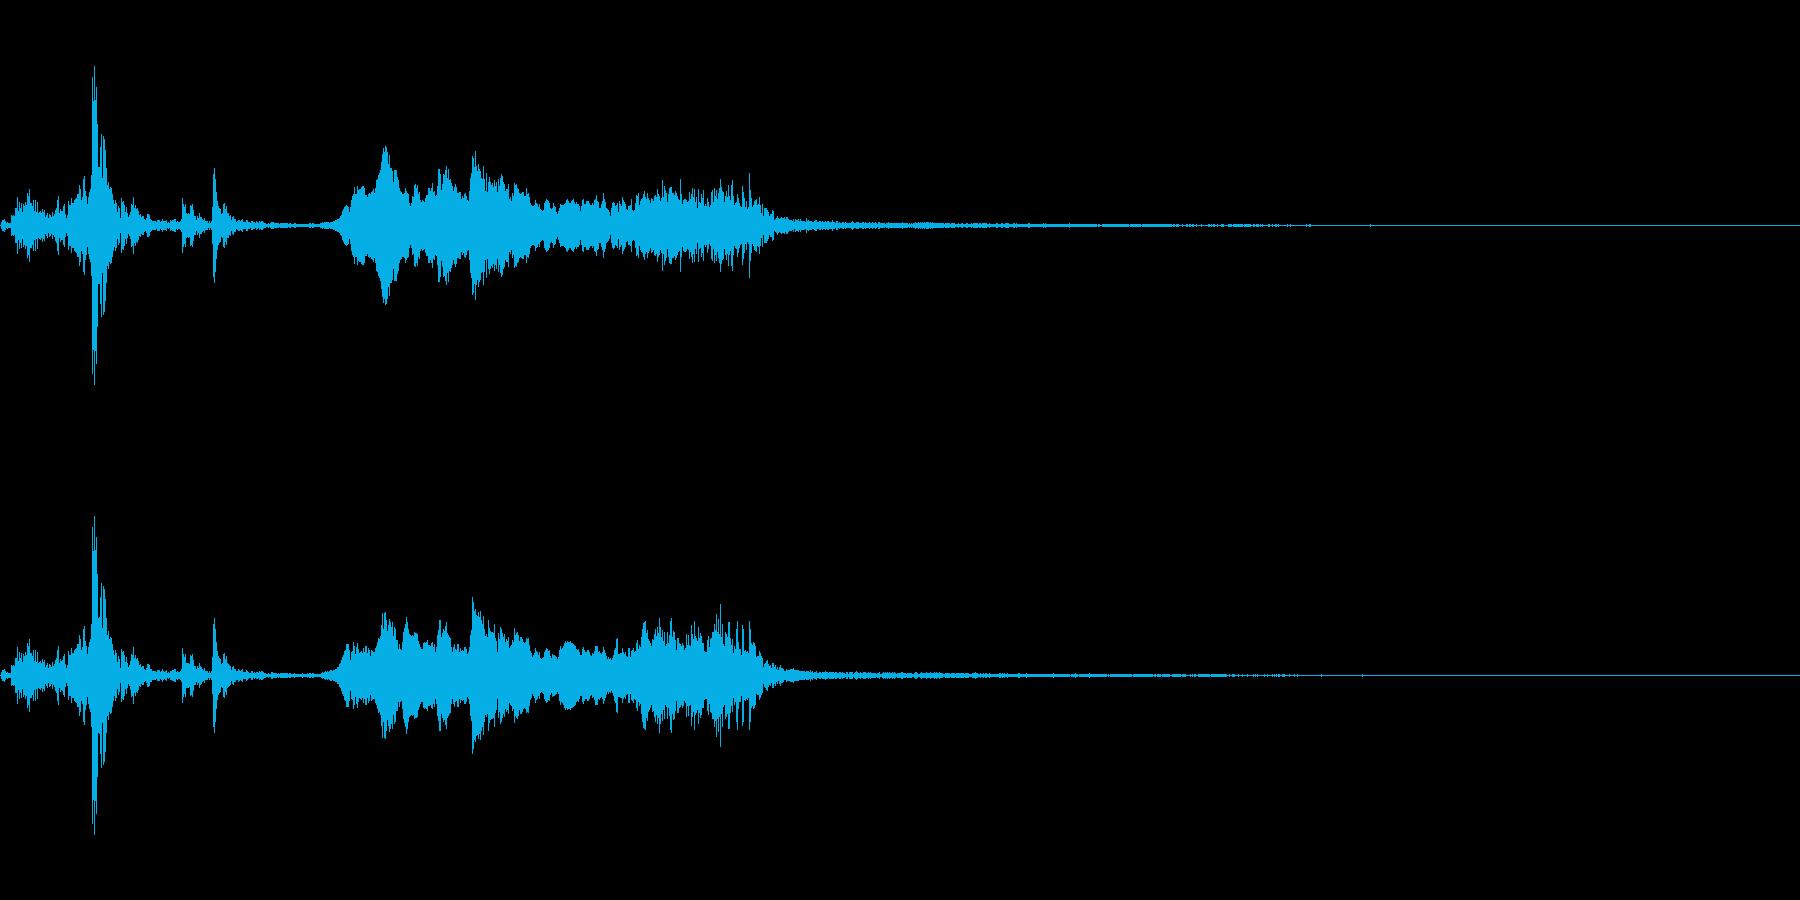 鉄製の扉が開く音-1の再生済みの波形